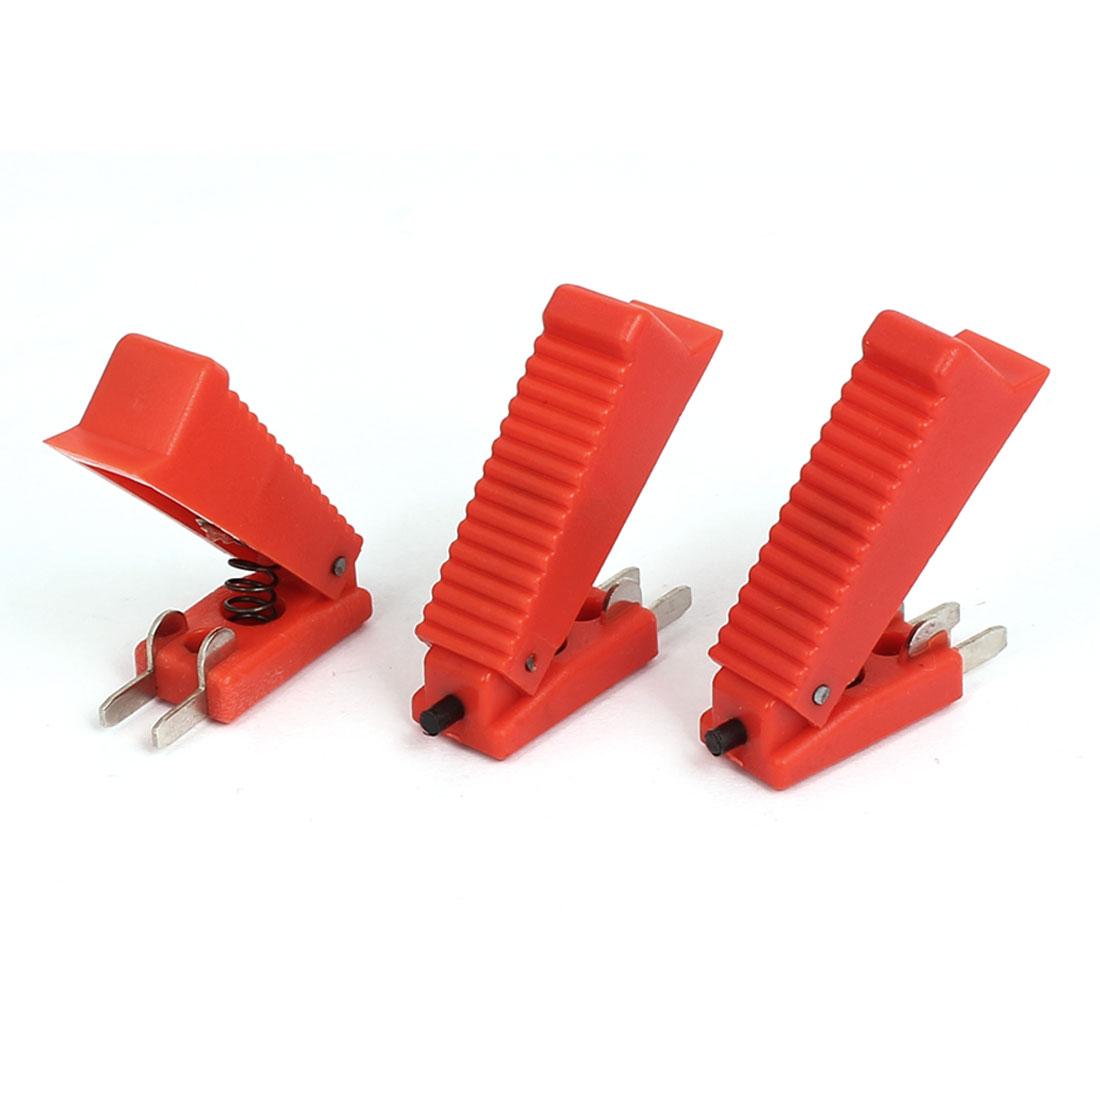 Red Shell 2 Terminals CO2 Welding Gun Cutter Trigger Switch 3 Pcs